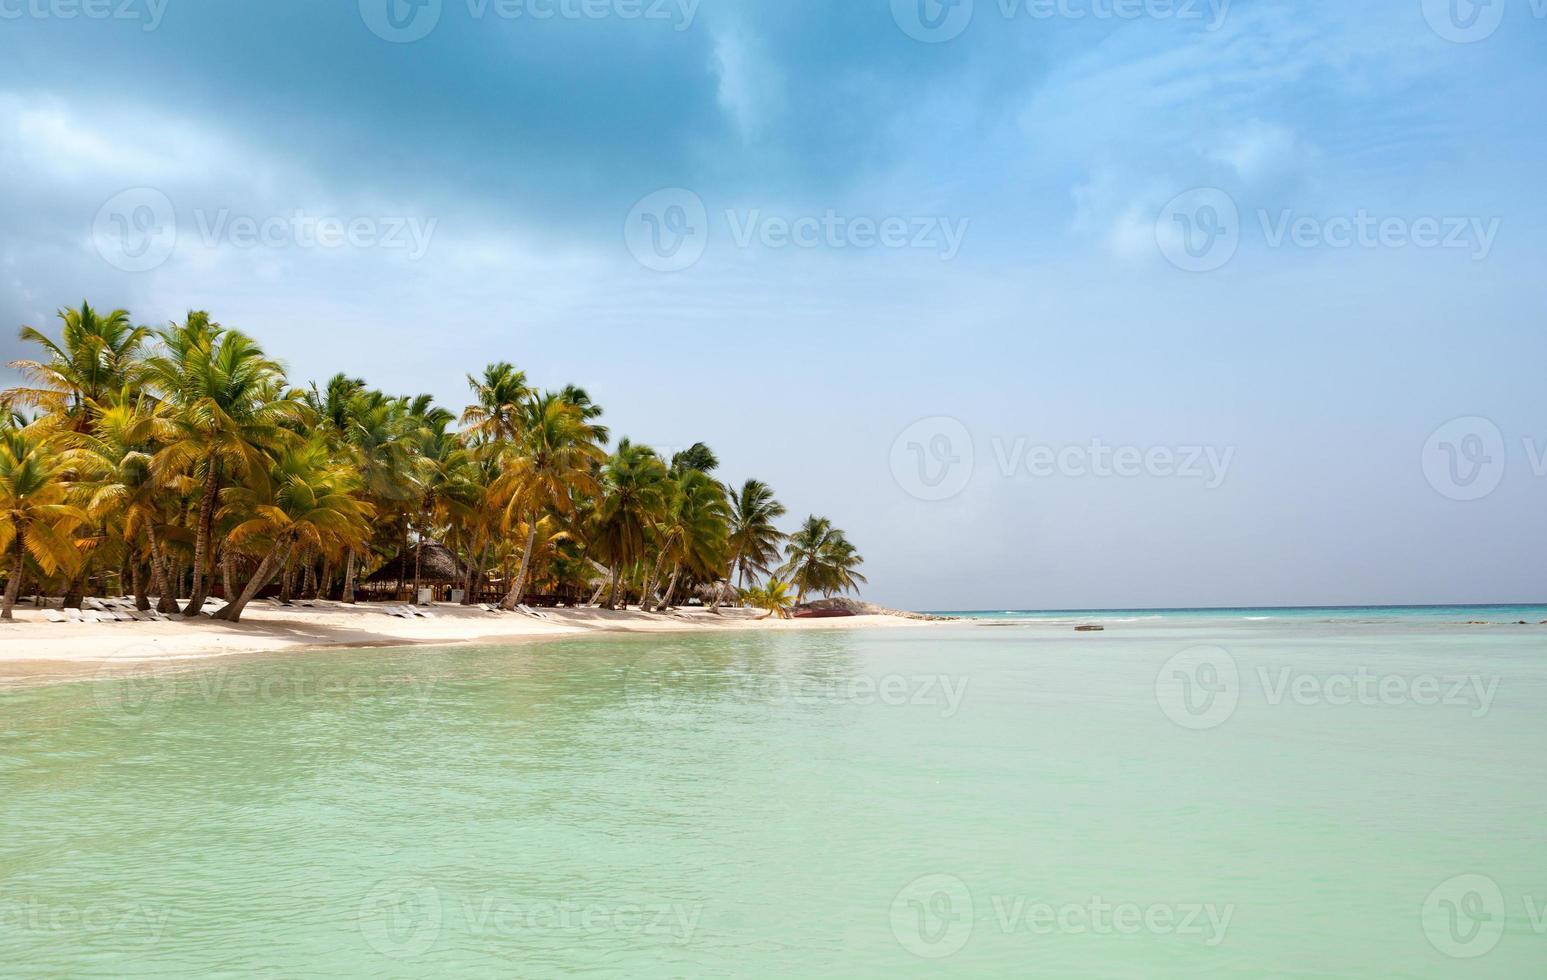 utsikt från havet på en tropisk strand och ö foto